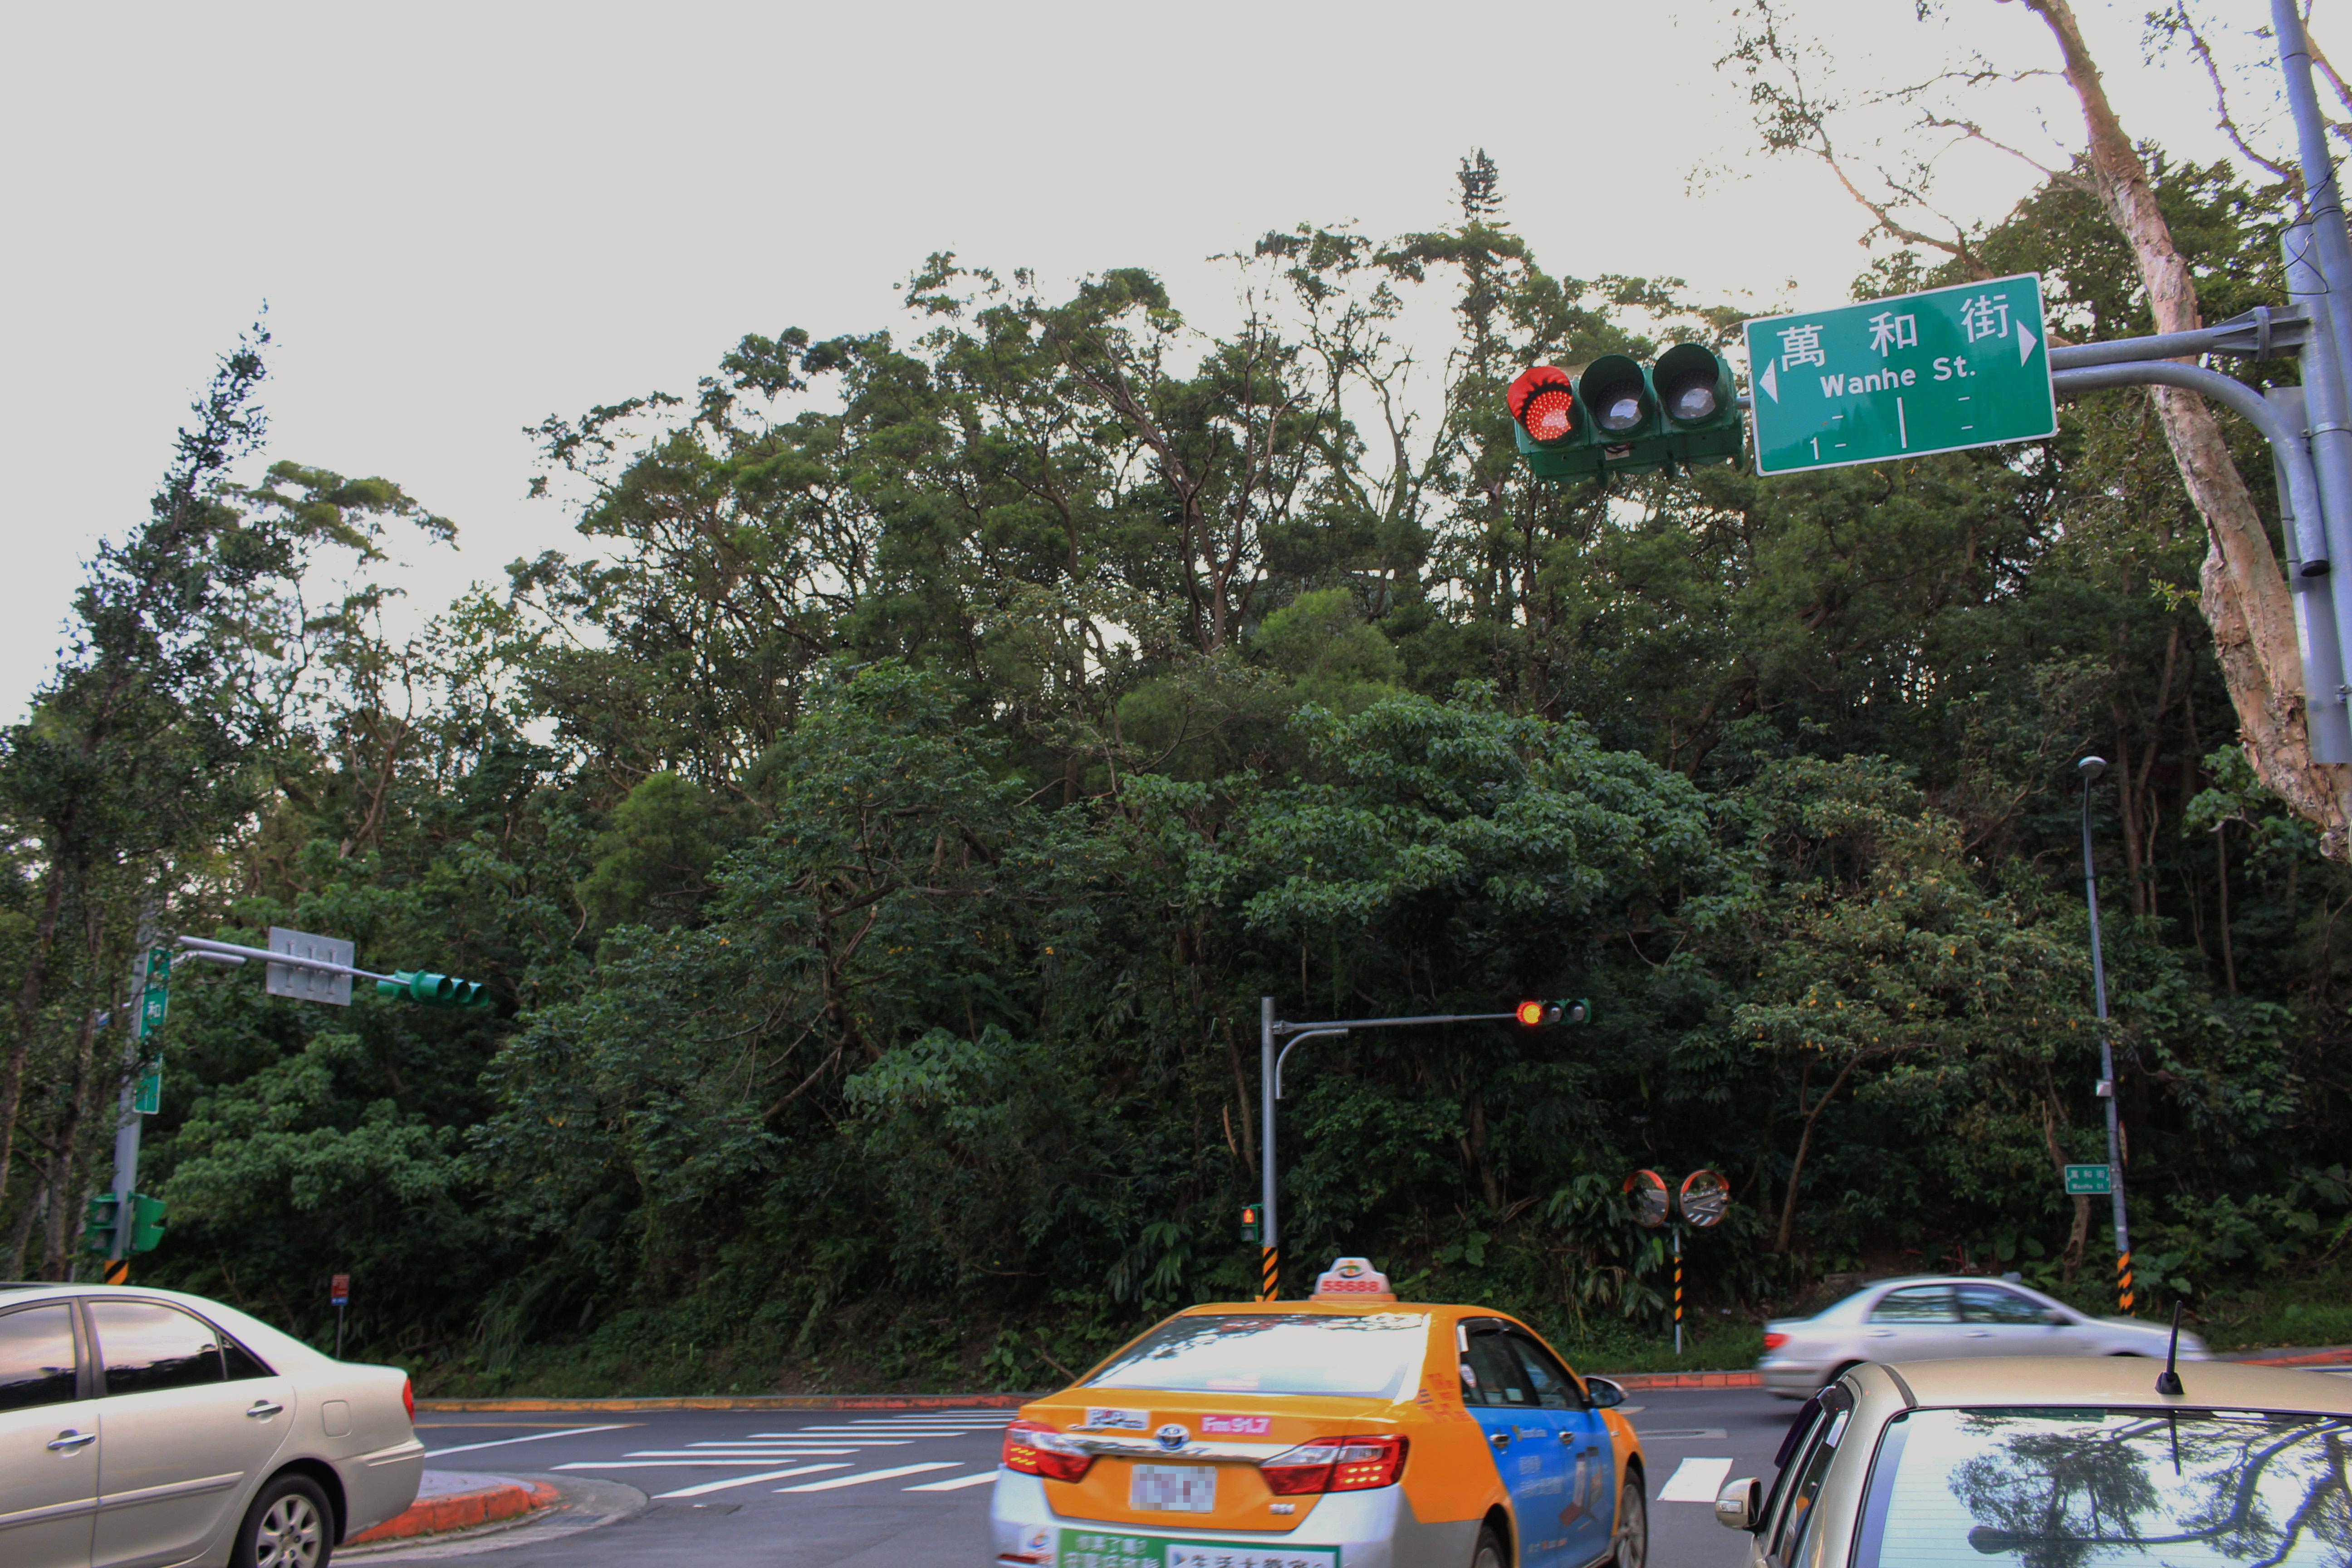 未進入管制時間的T字路口,行人過馬路要自行注意來車。攝影/郭育伶